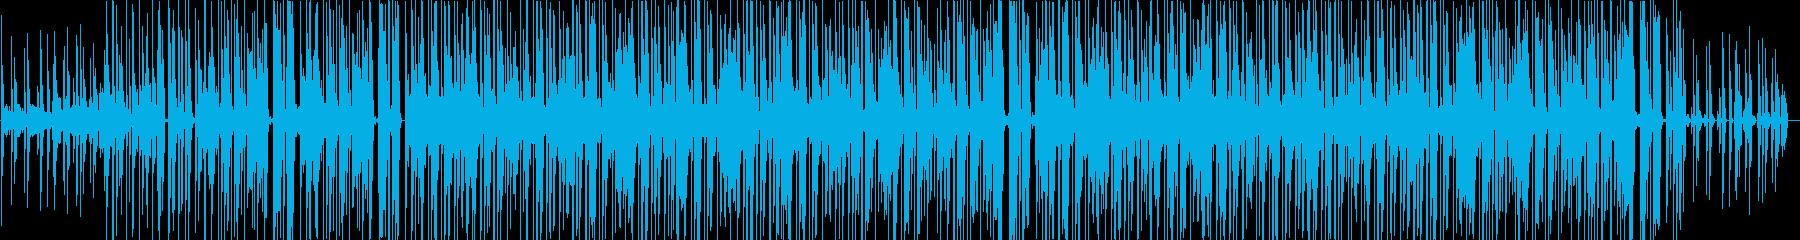 R&B,Neo Soul系の曲です。の再生済みの波形